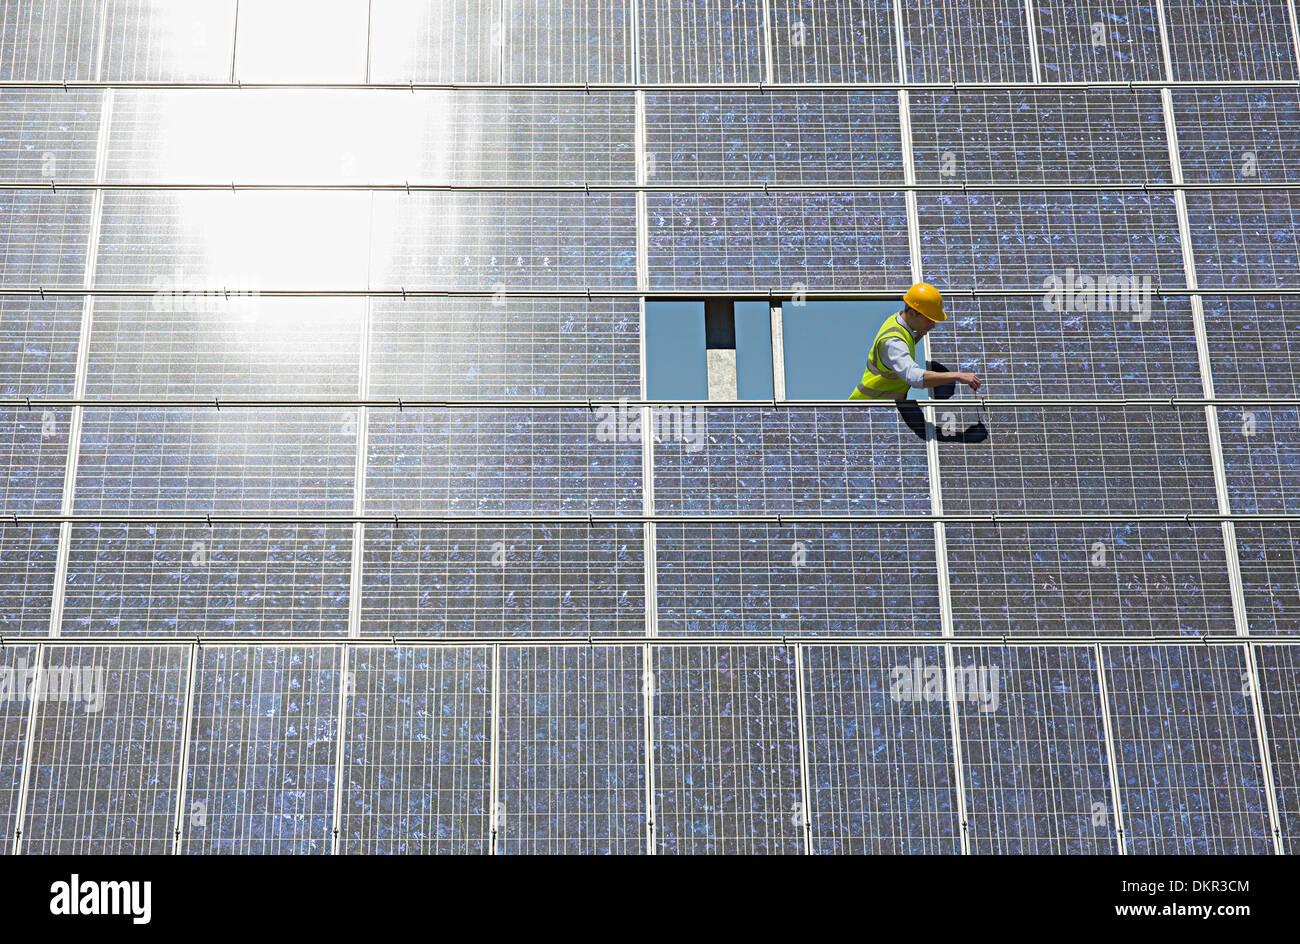 Arbeiter, die Prüfung von Solar-Panel in ländlichen Landschaft Stockbild